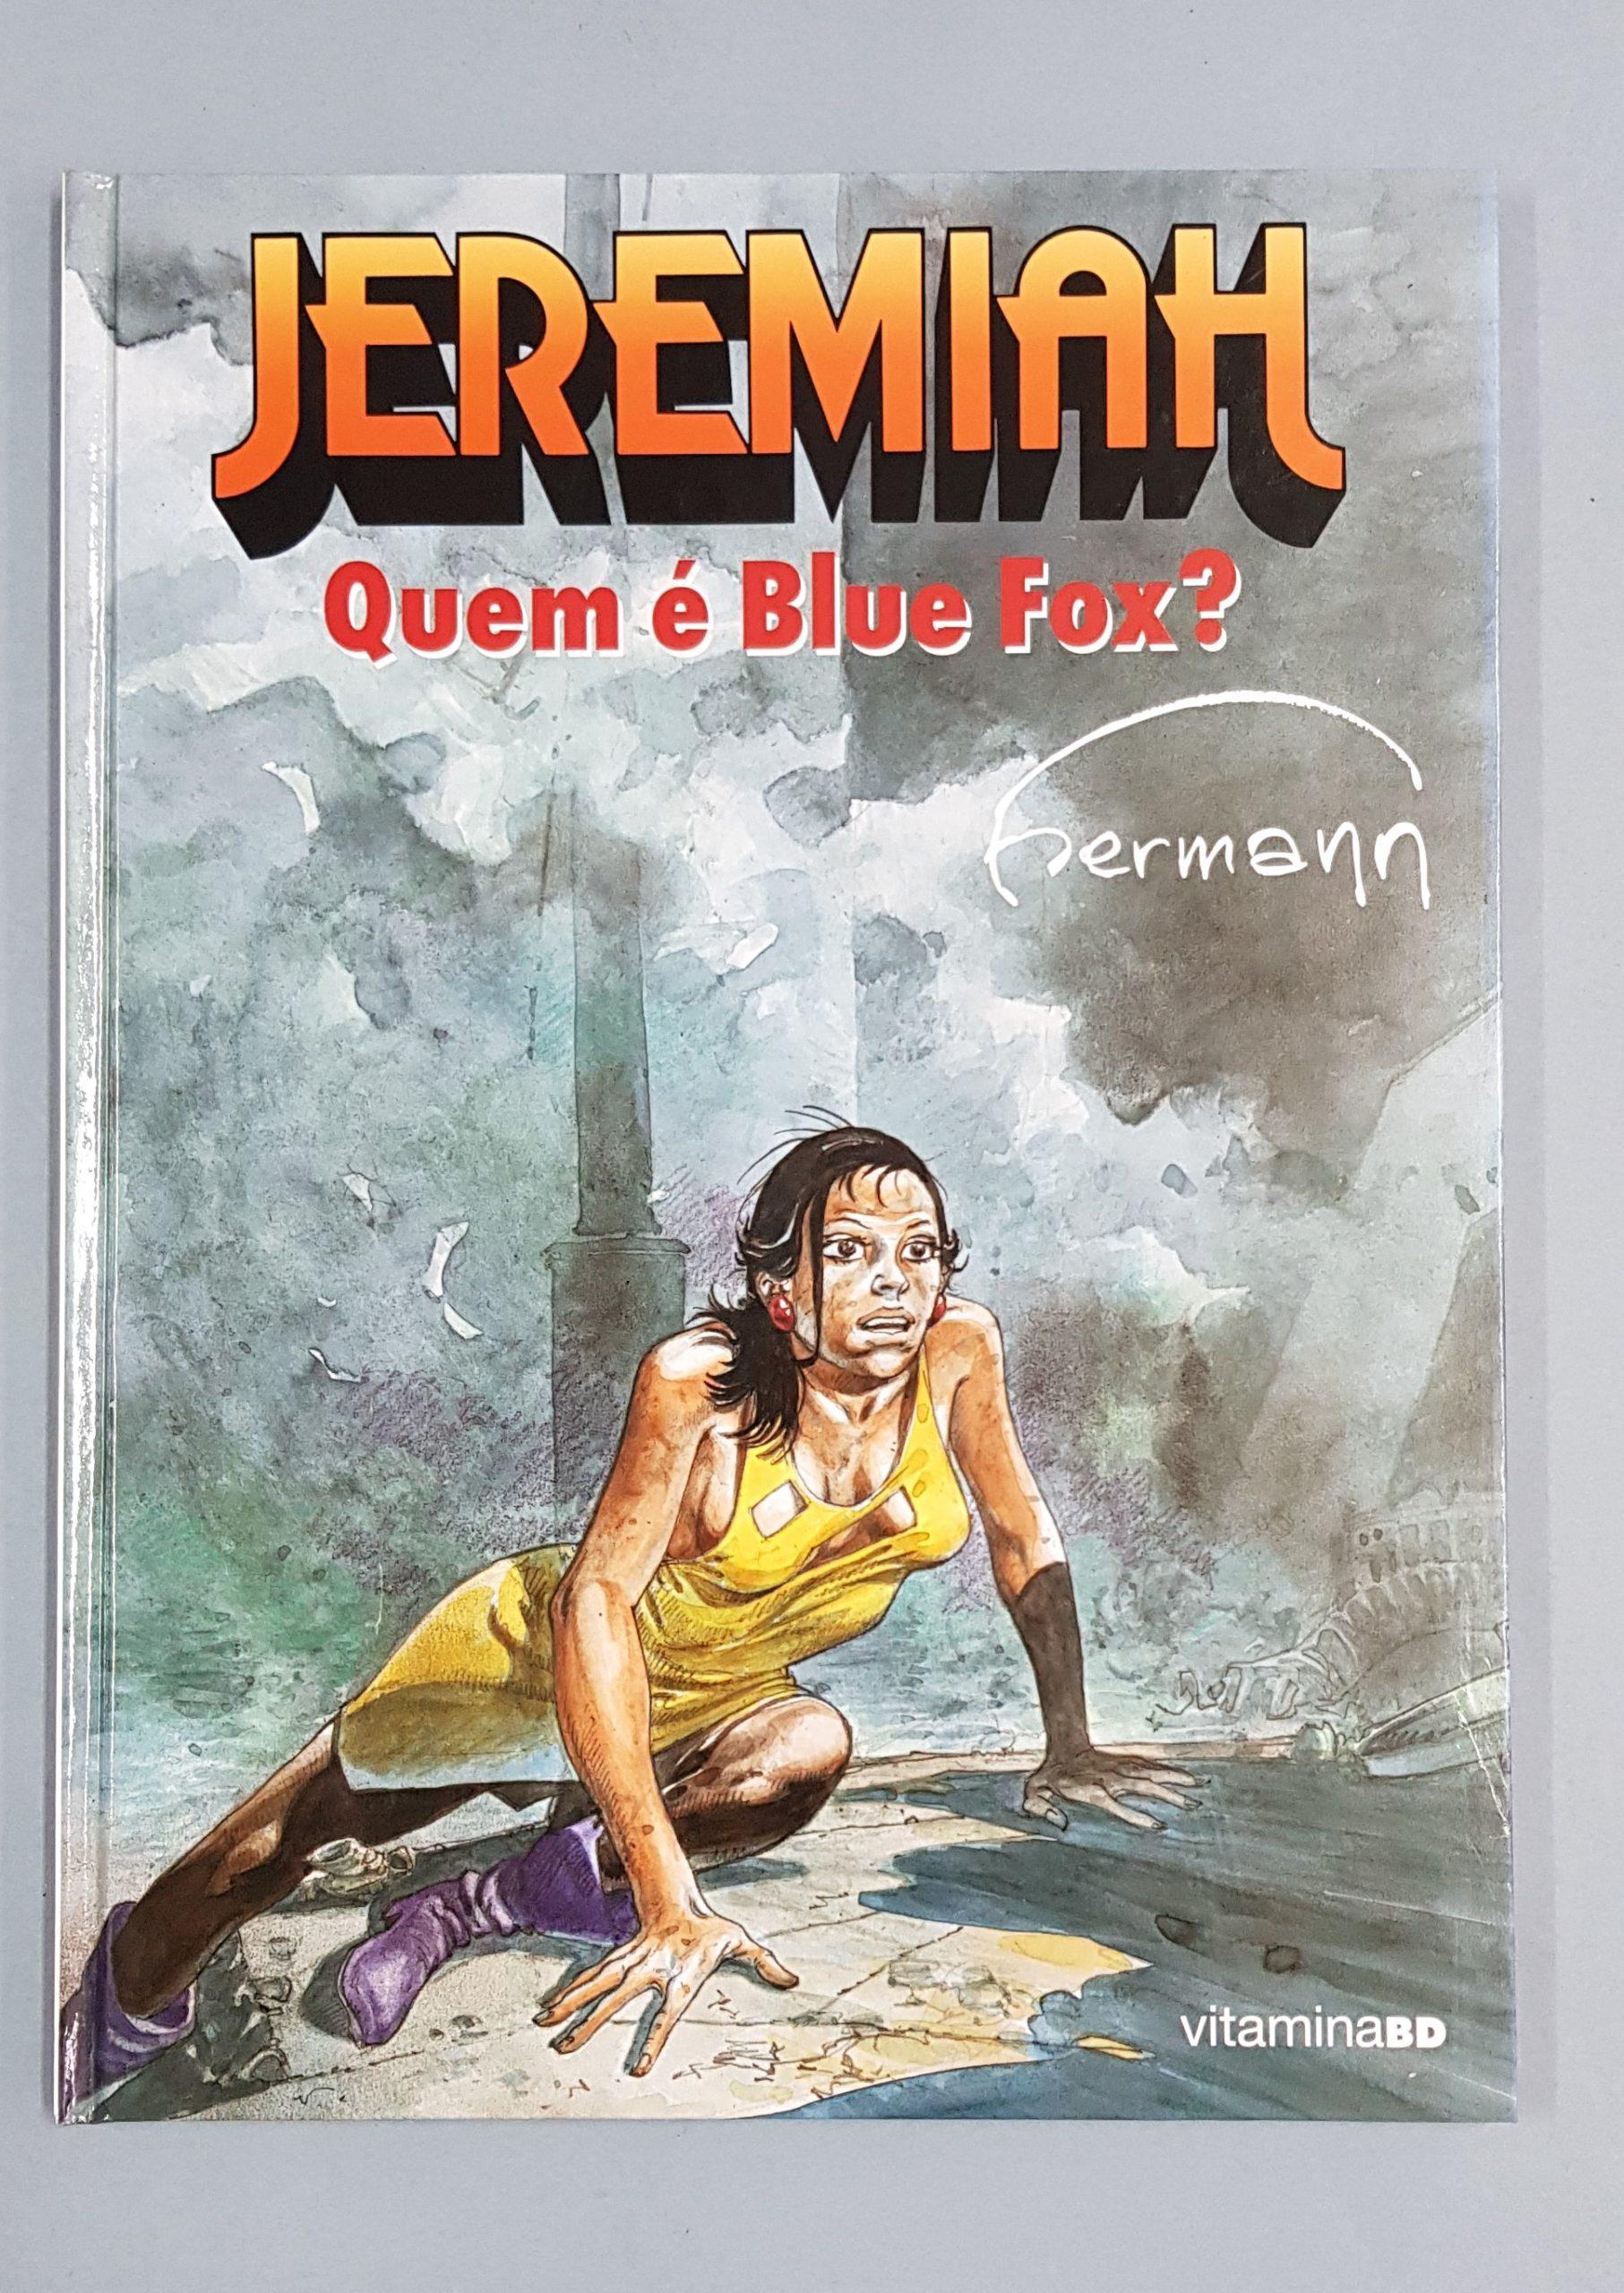 JEREMIAH – QUEM É BLUE FOX?